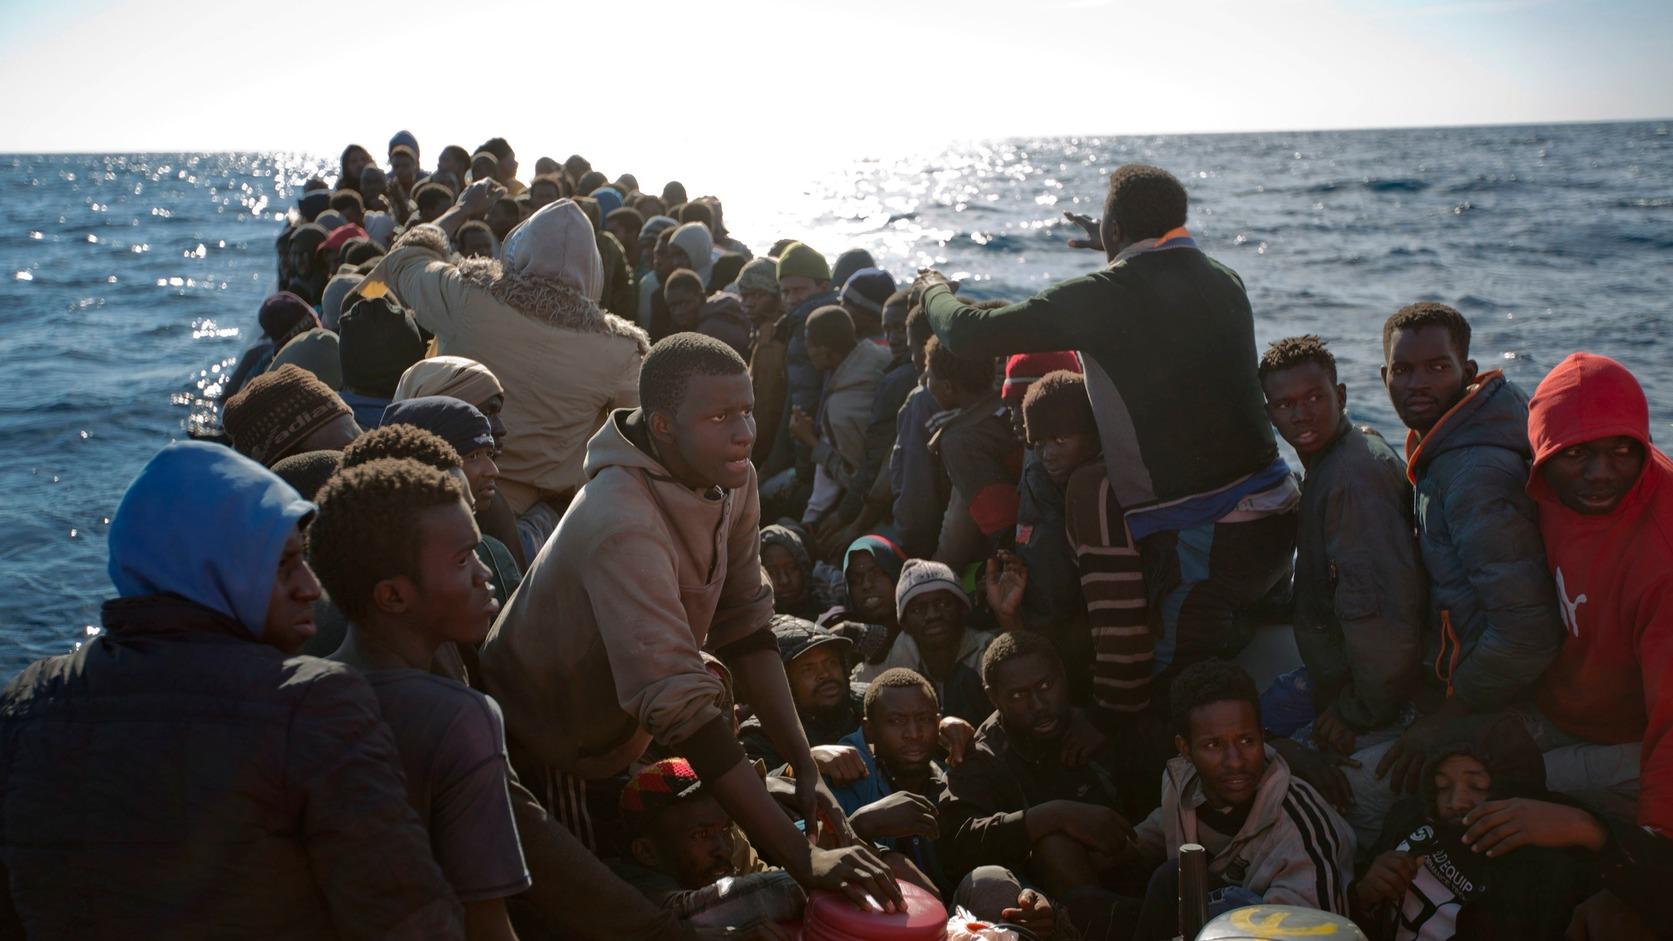 Földközi-tenger, 2017. január 27. Olaszországba igyekvő afrikai illegális bevándorlók gumicsónakjukon arra várnak, hogy a Proactive Open Arms nevű nemzetközi nem kormányzati szervezet aktivistái kimentsék őket a Földközi-tengeren, 22 mérföldre a líbiai Zumarah partjaitól 2017. január 27-én. (MTI/AP/Emilio Morenatti)